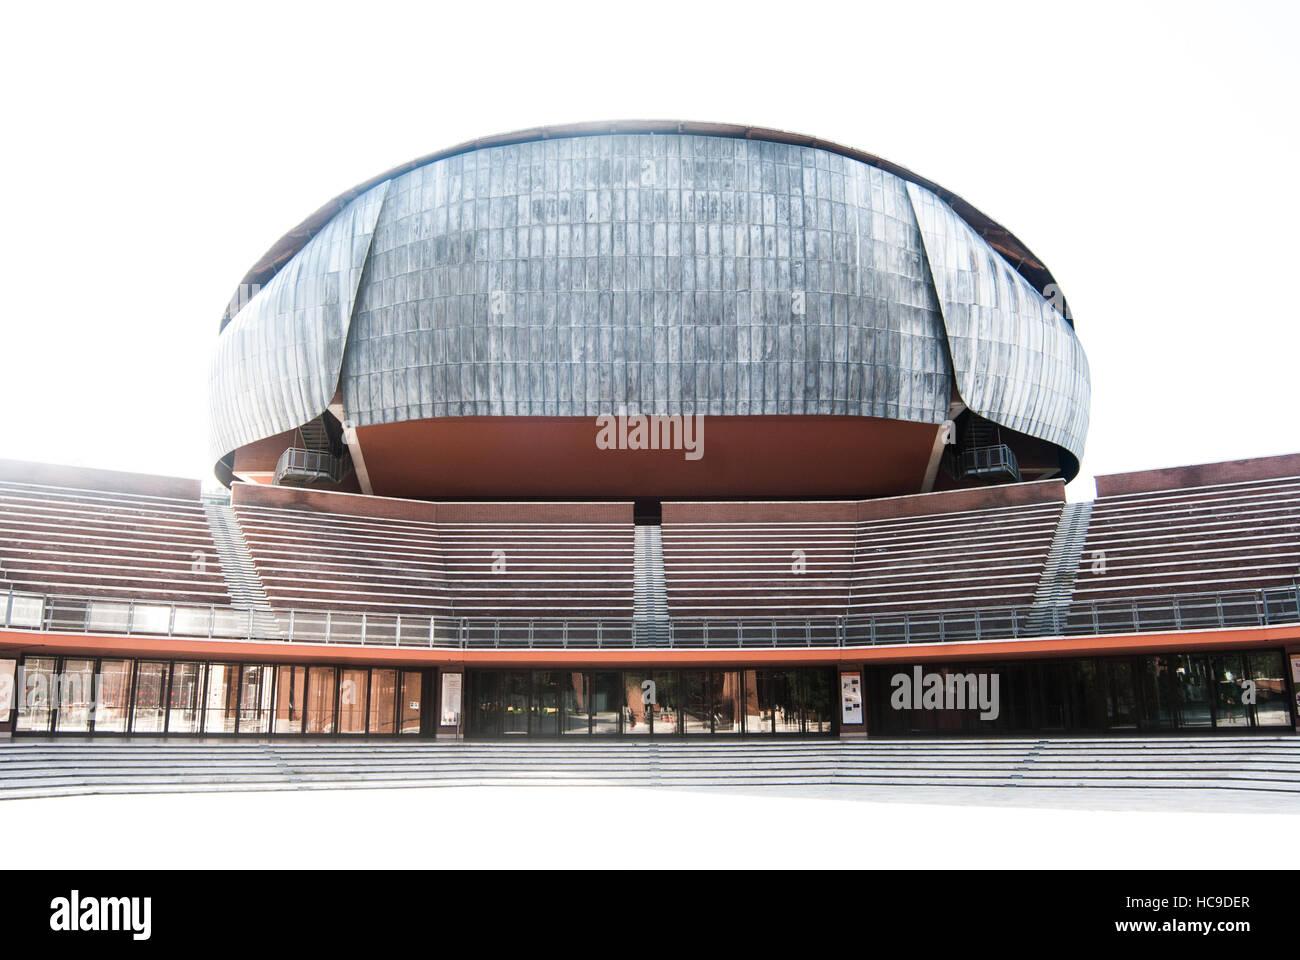 Auditorium Parco della Musica, designed by Italian architect Renzo Piano, Rome, Italy Stock Photo